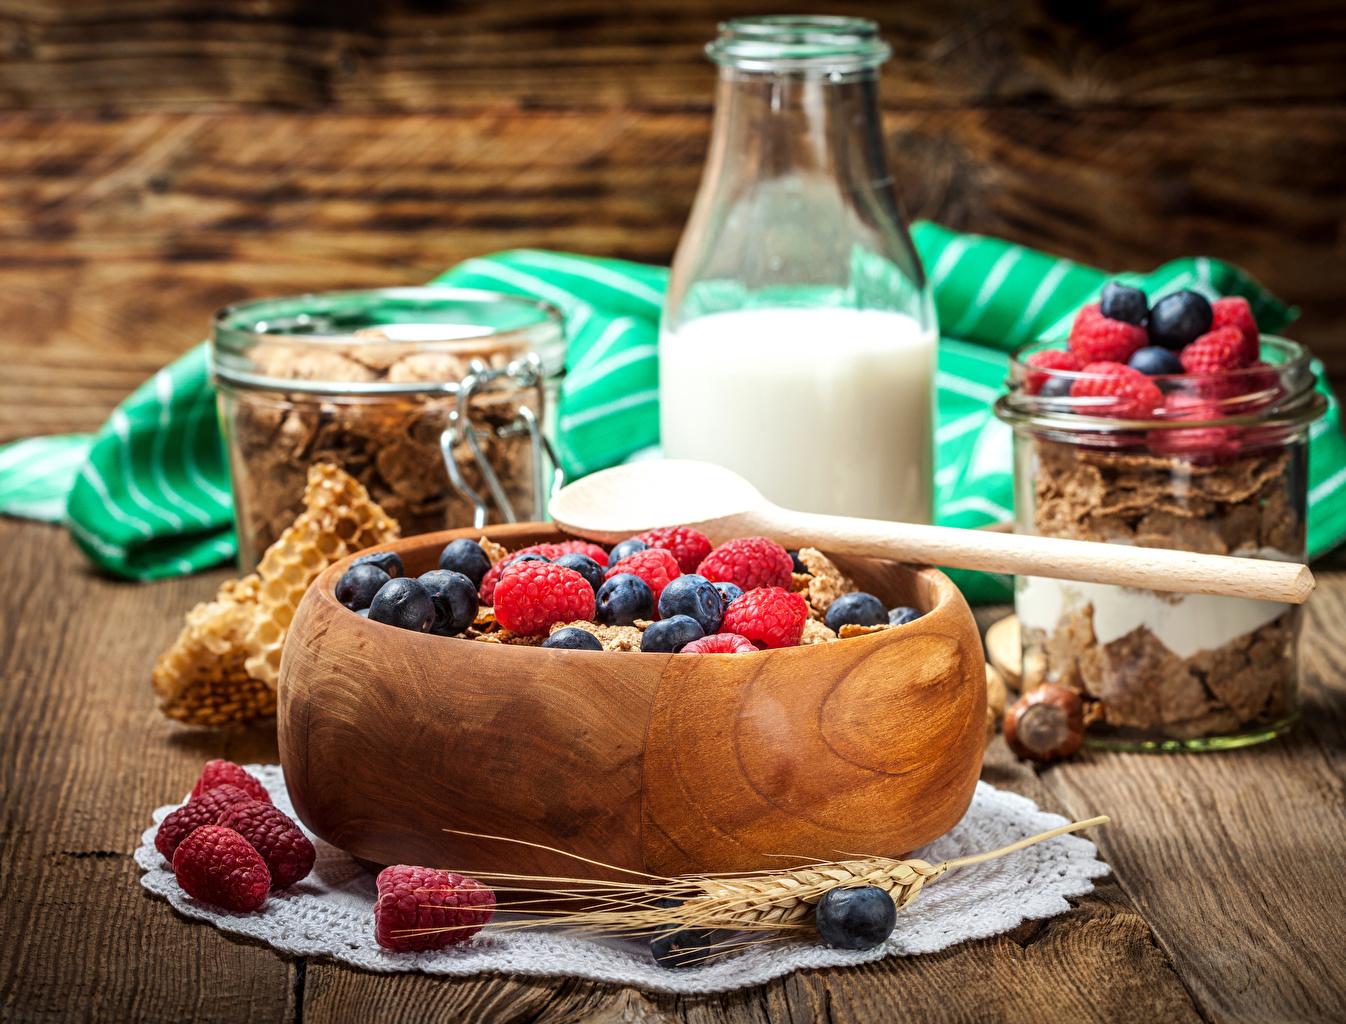 еда_завтрак_хлопья_молоко_фрукты_ягоды